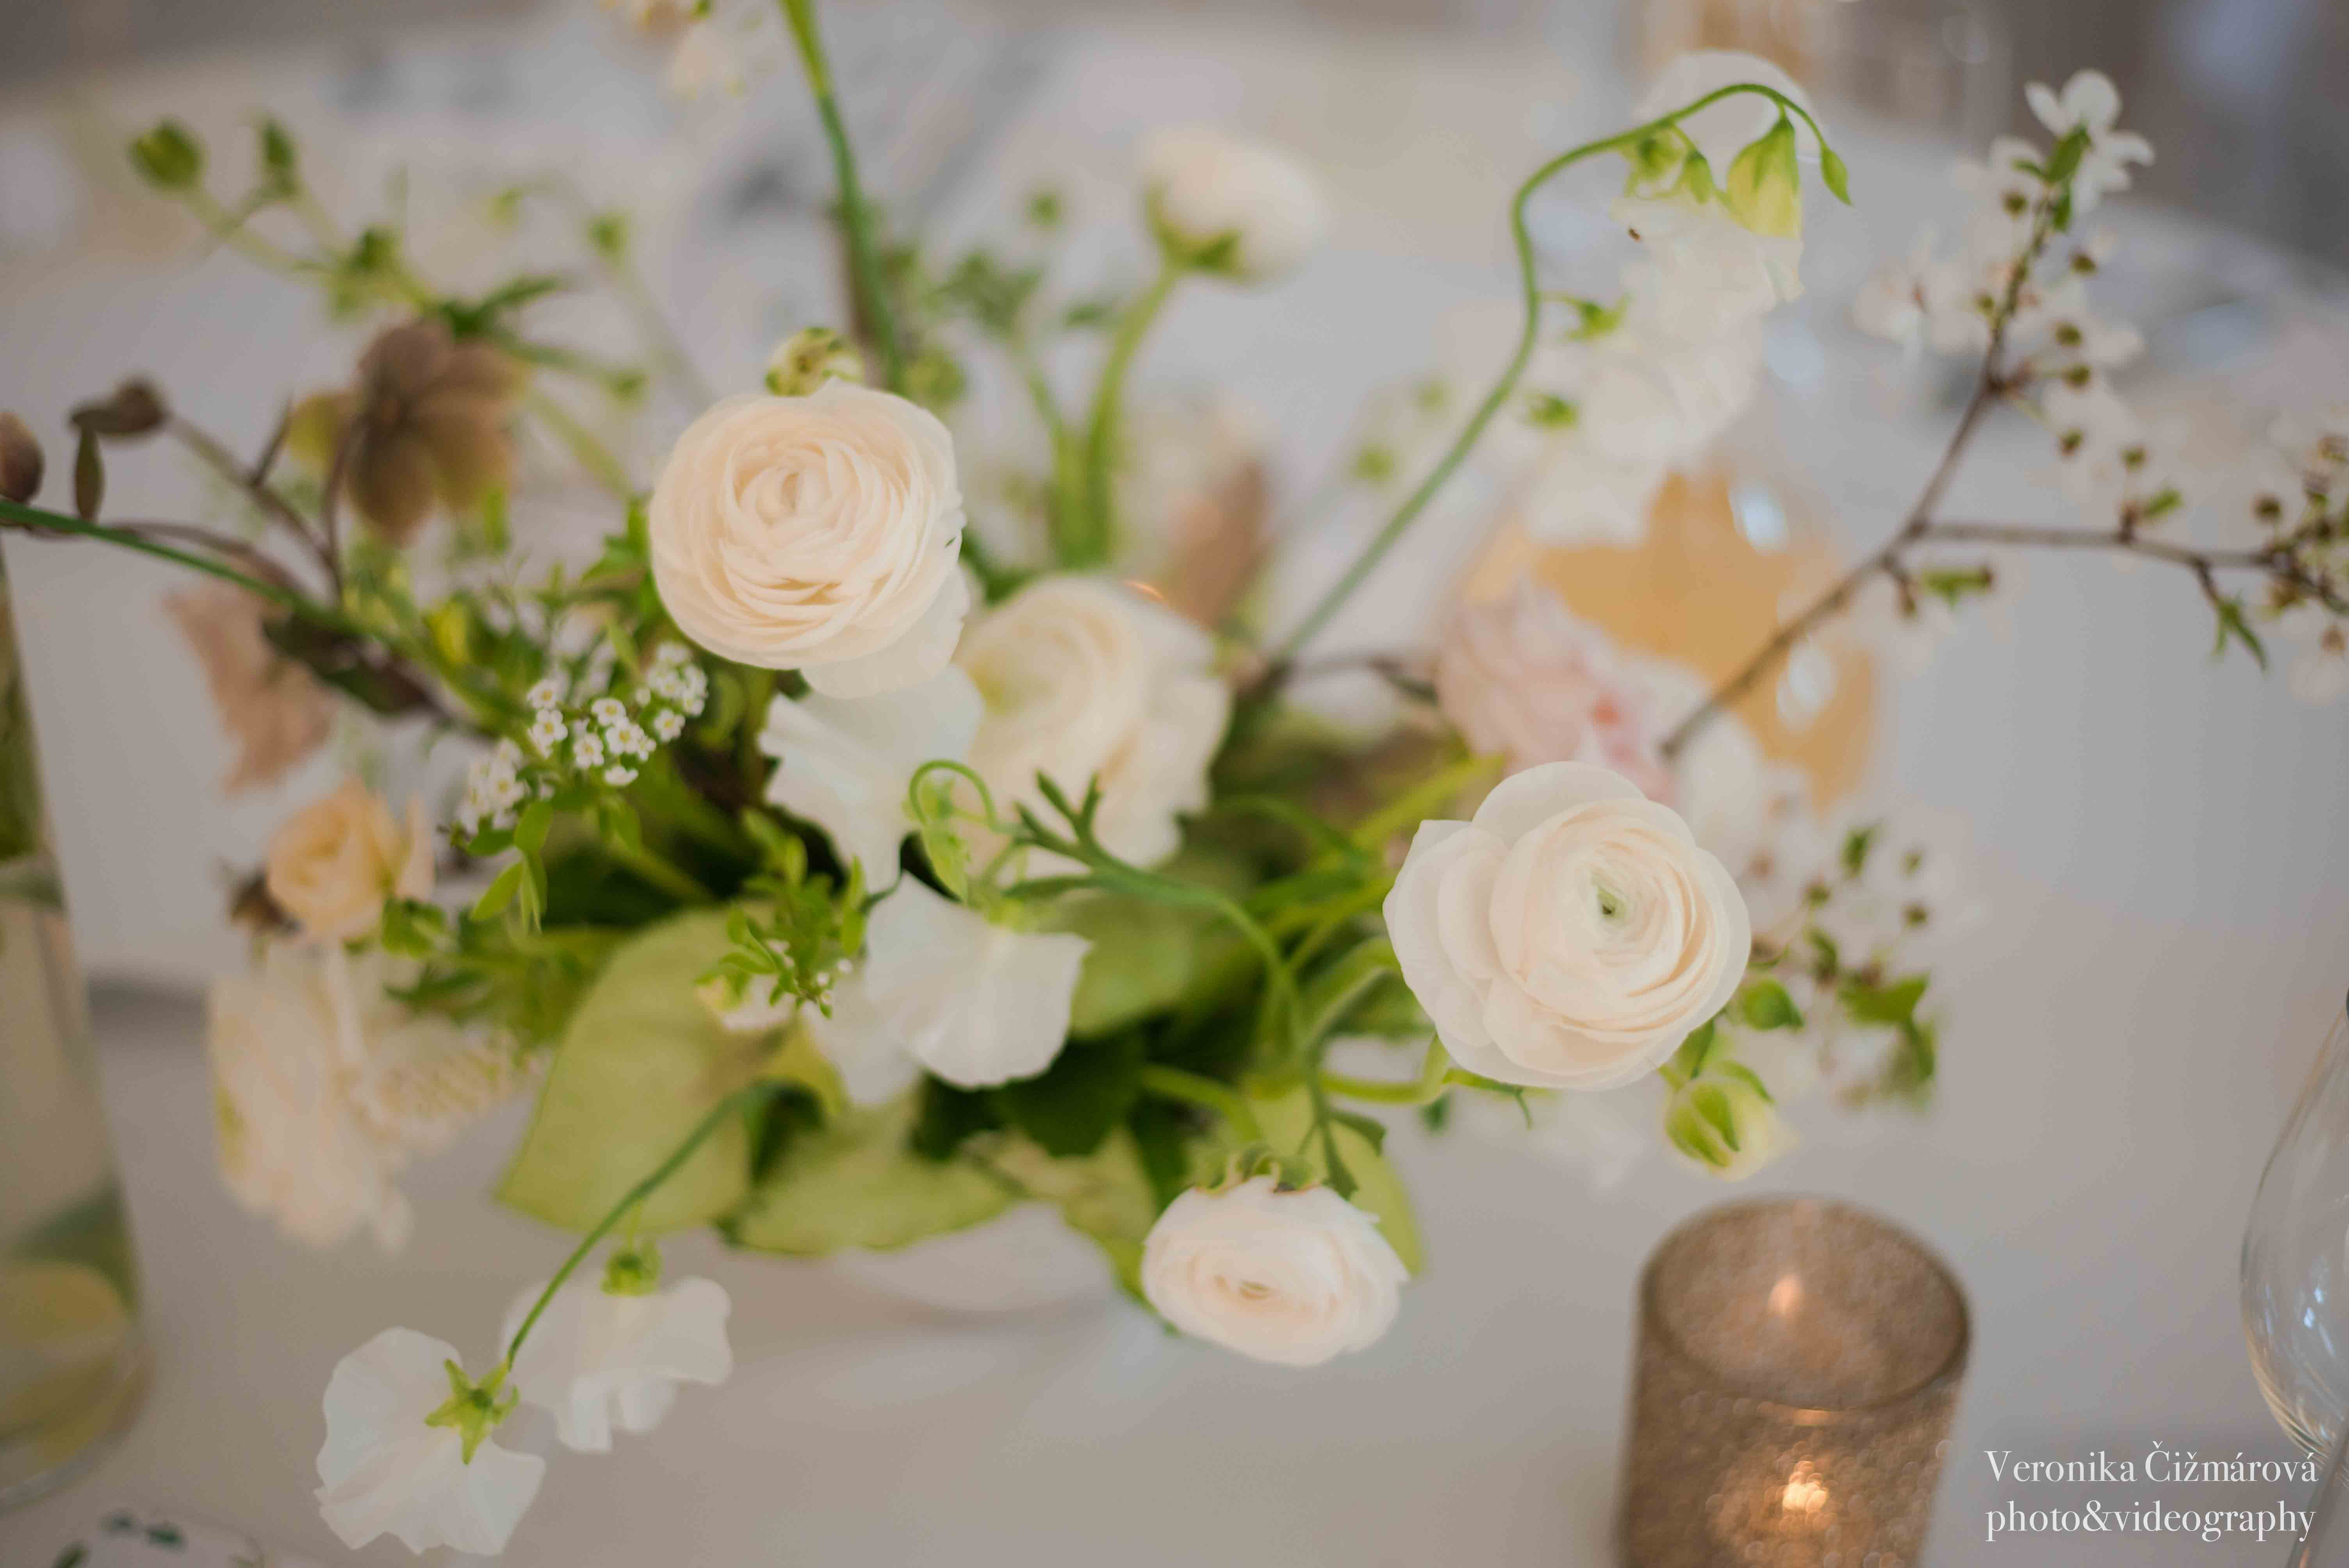 svadba svadobny fotograf kameraman djjpg